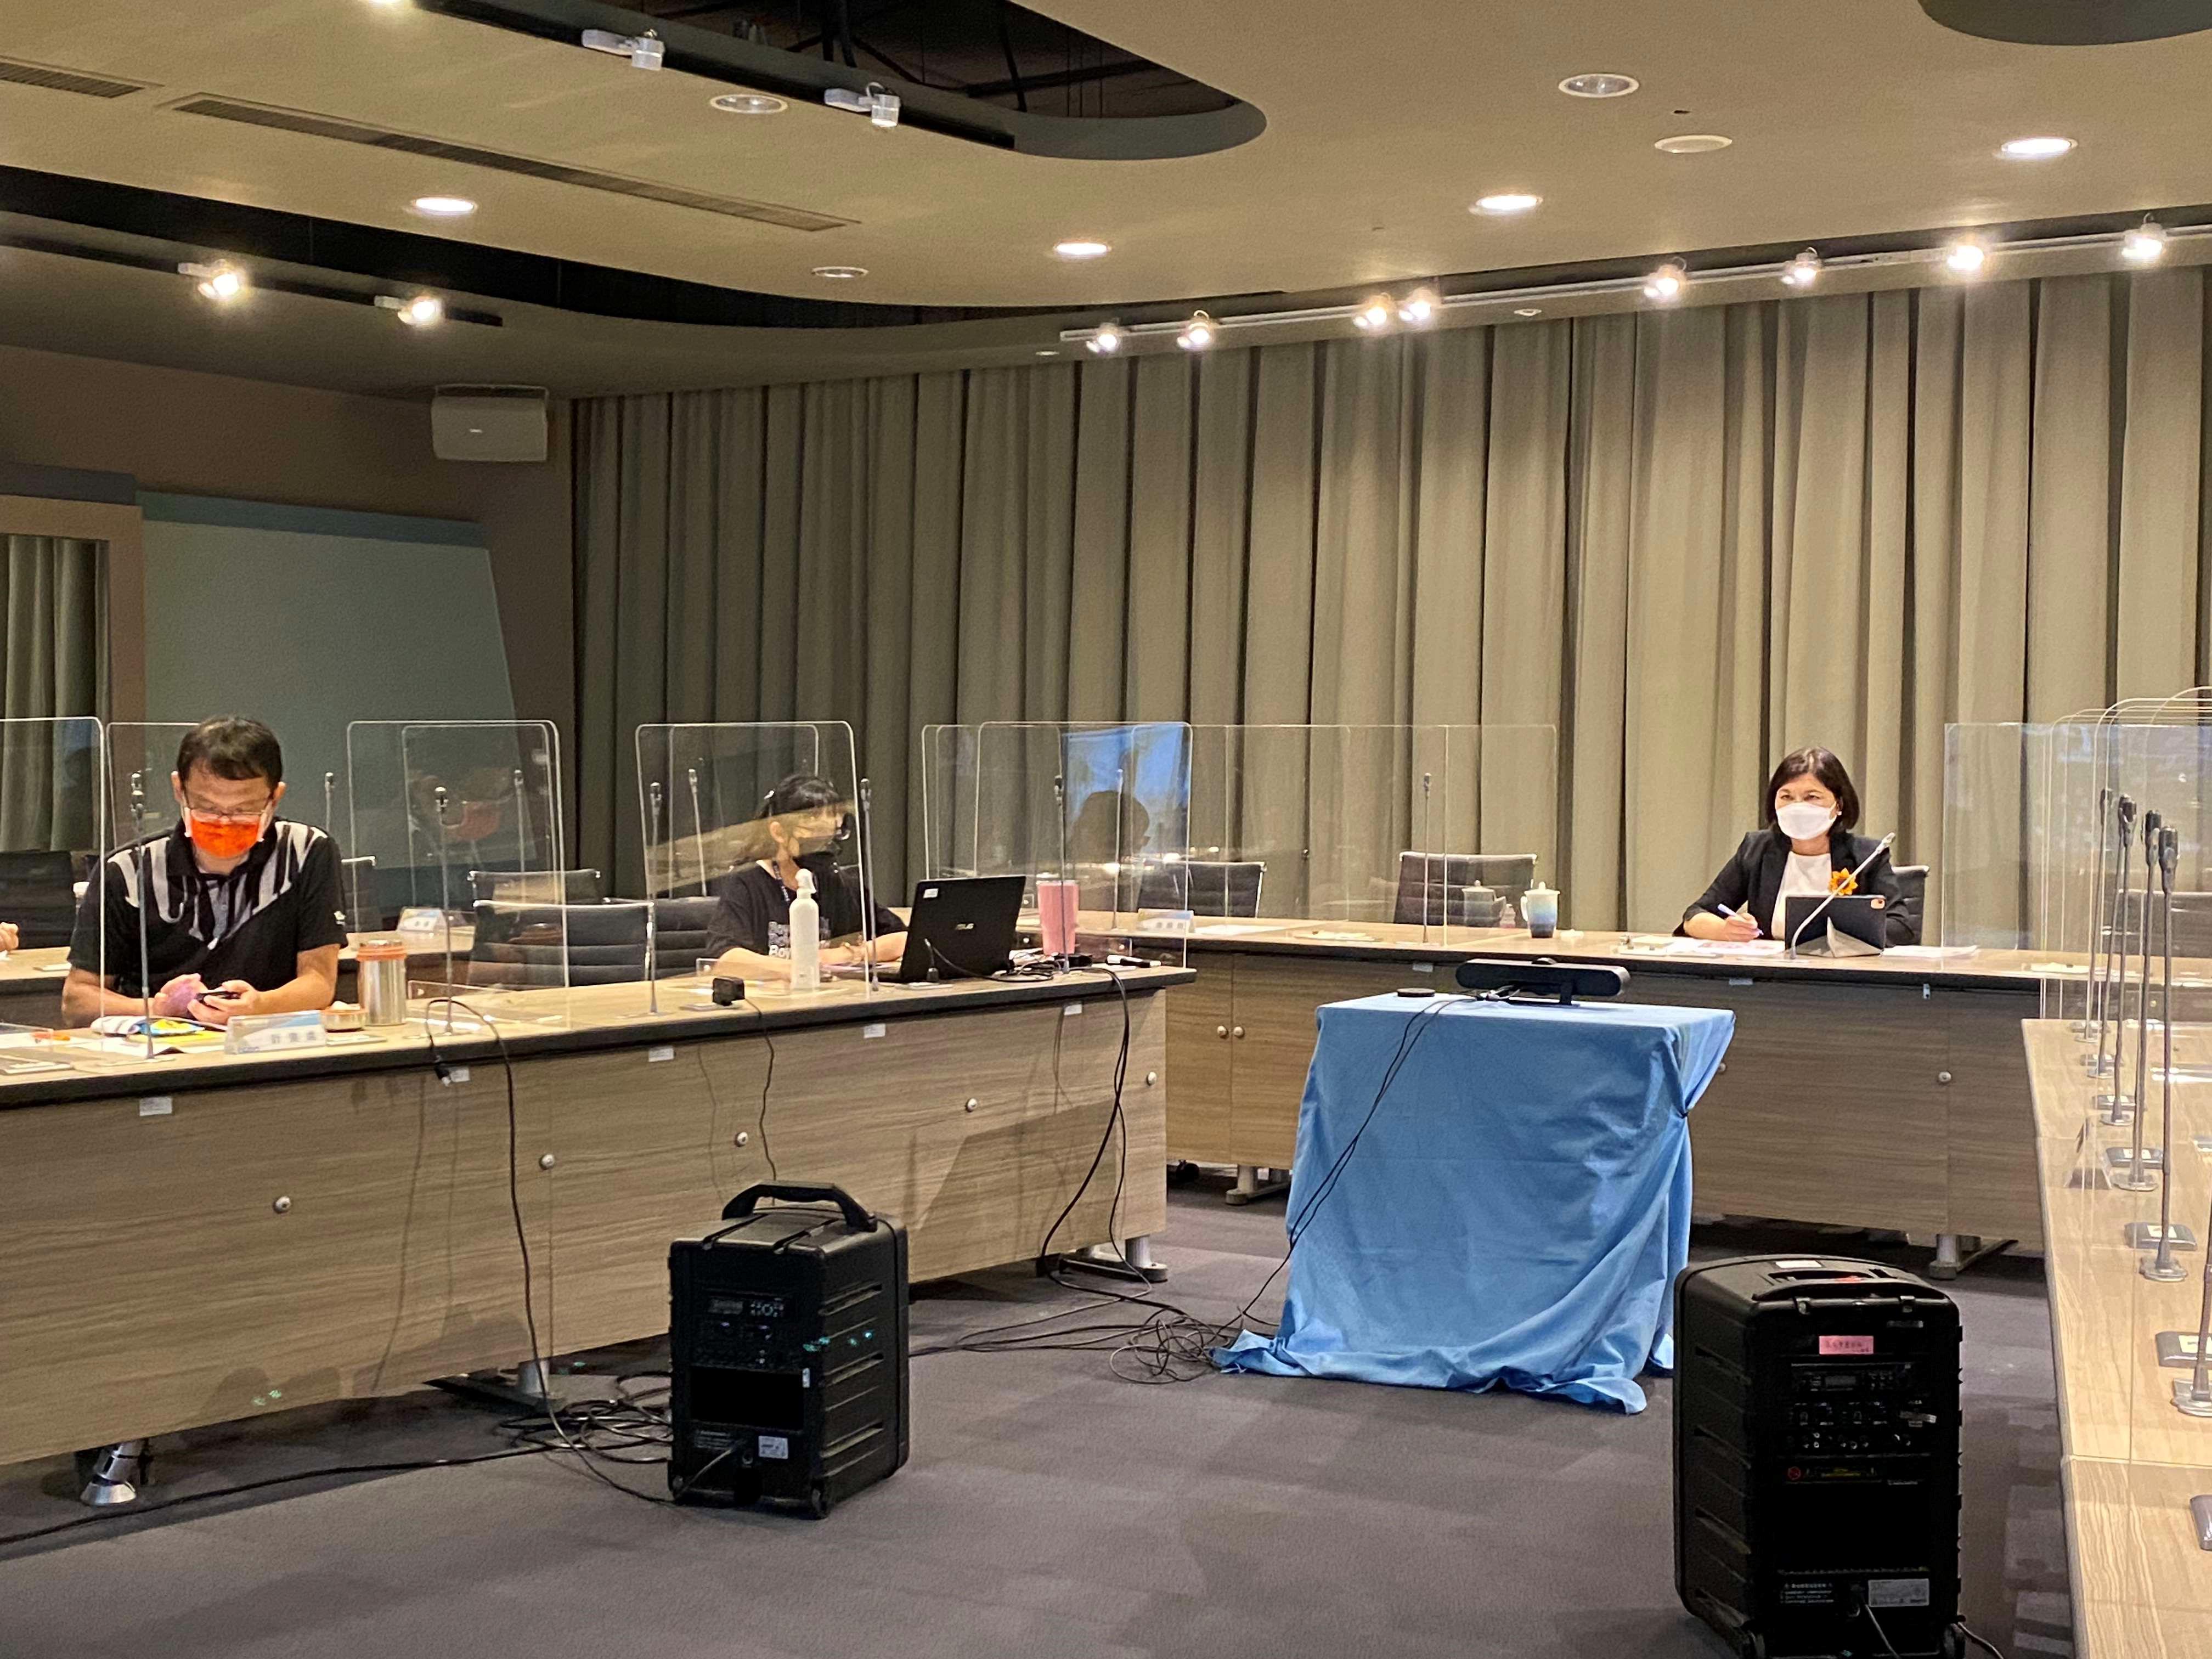 今(7)日第一場次共識會議工作坊講座,邀請到臺灣設計研究院 張基義院長,以設計x台灣為本次講座議題,與張麗善縣長一起展開序幕